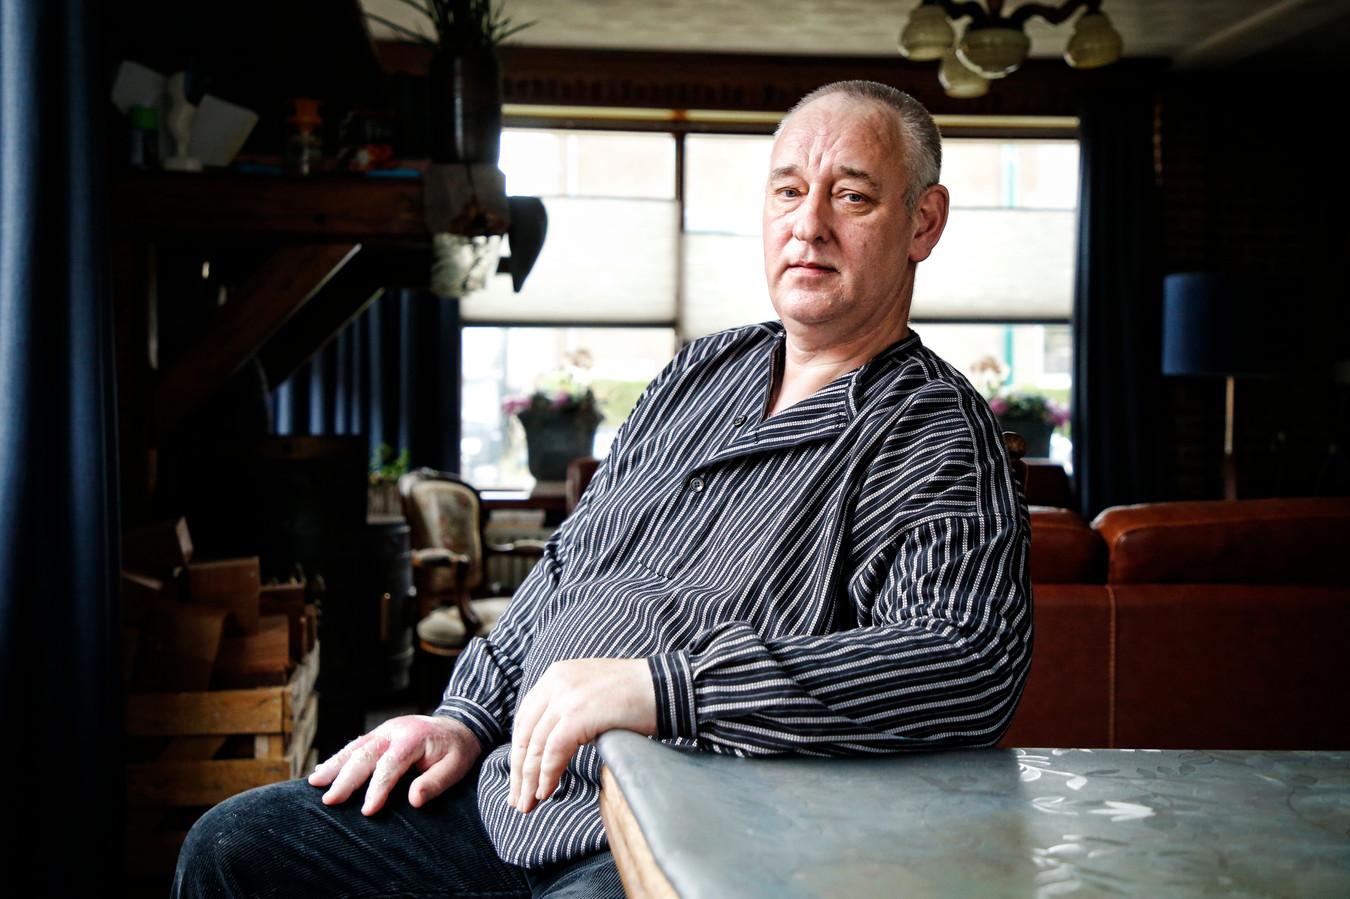 Henk Koelewijn thuis: 'De meeste kinderen zijn uit mijn leven weggesneden. Ik mis ze verschrikkelijk'.